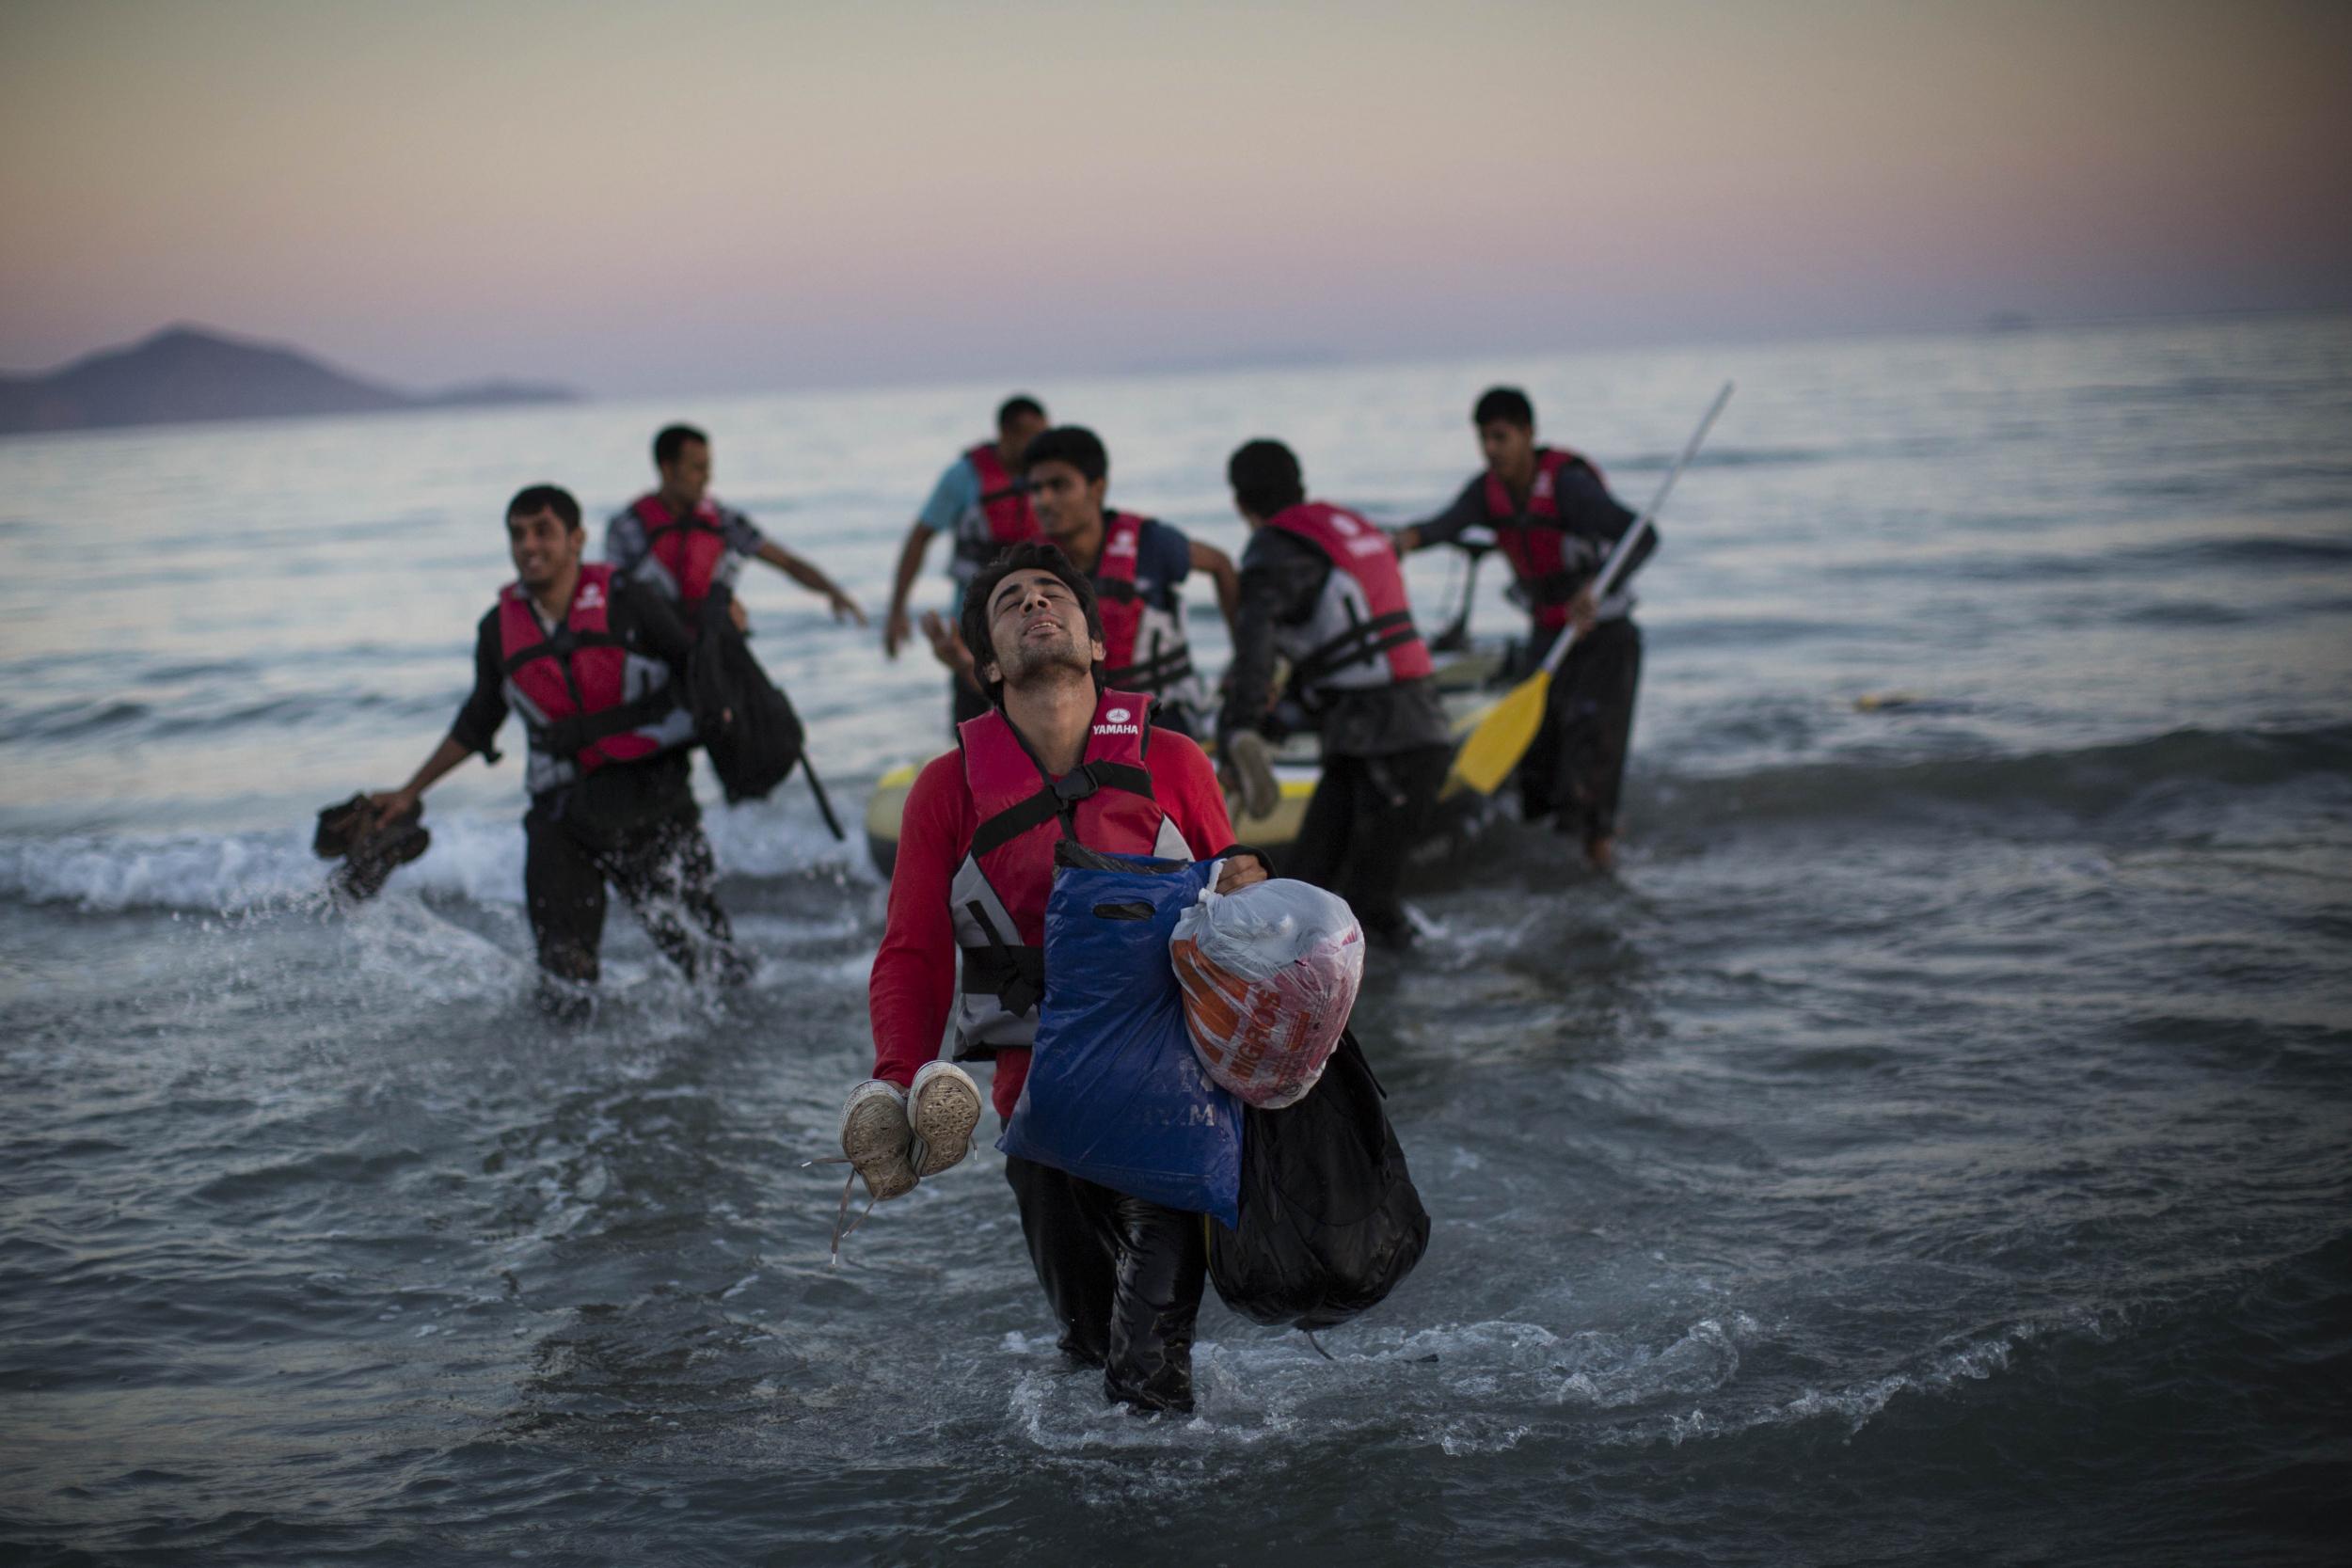 Δημοσκόπηση για τους πρόσφυγες: Απειλή τους θεωρεί το 65% των νησιωτών